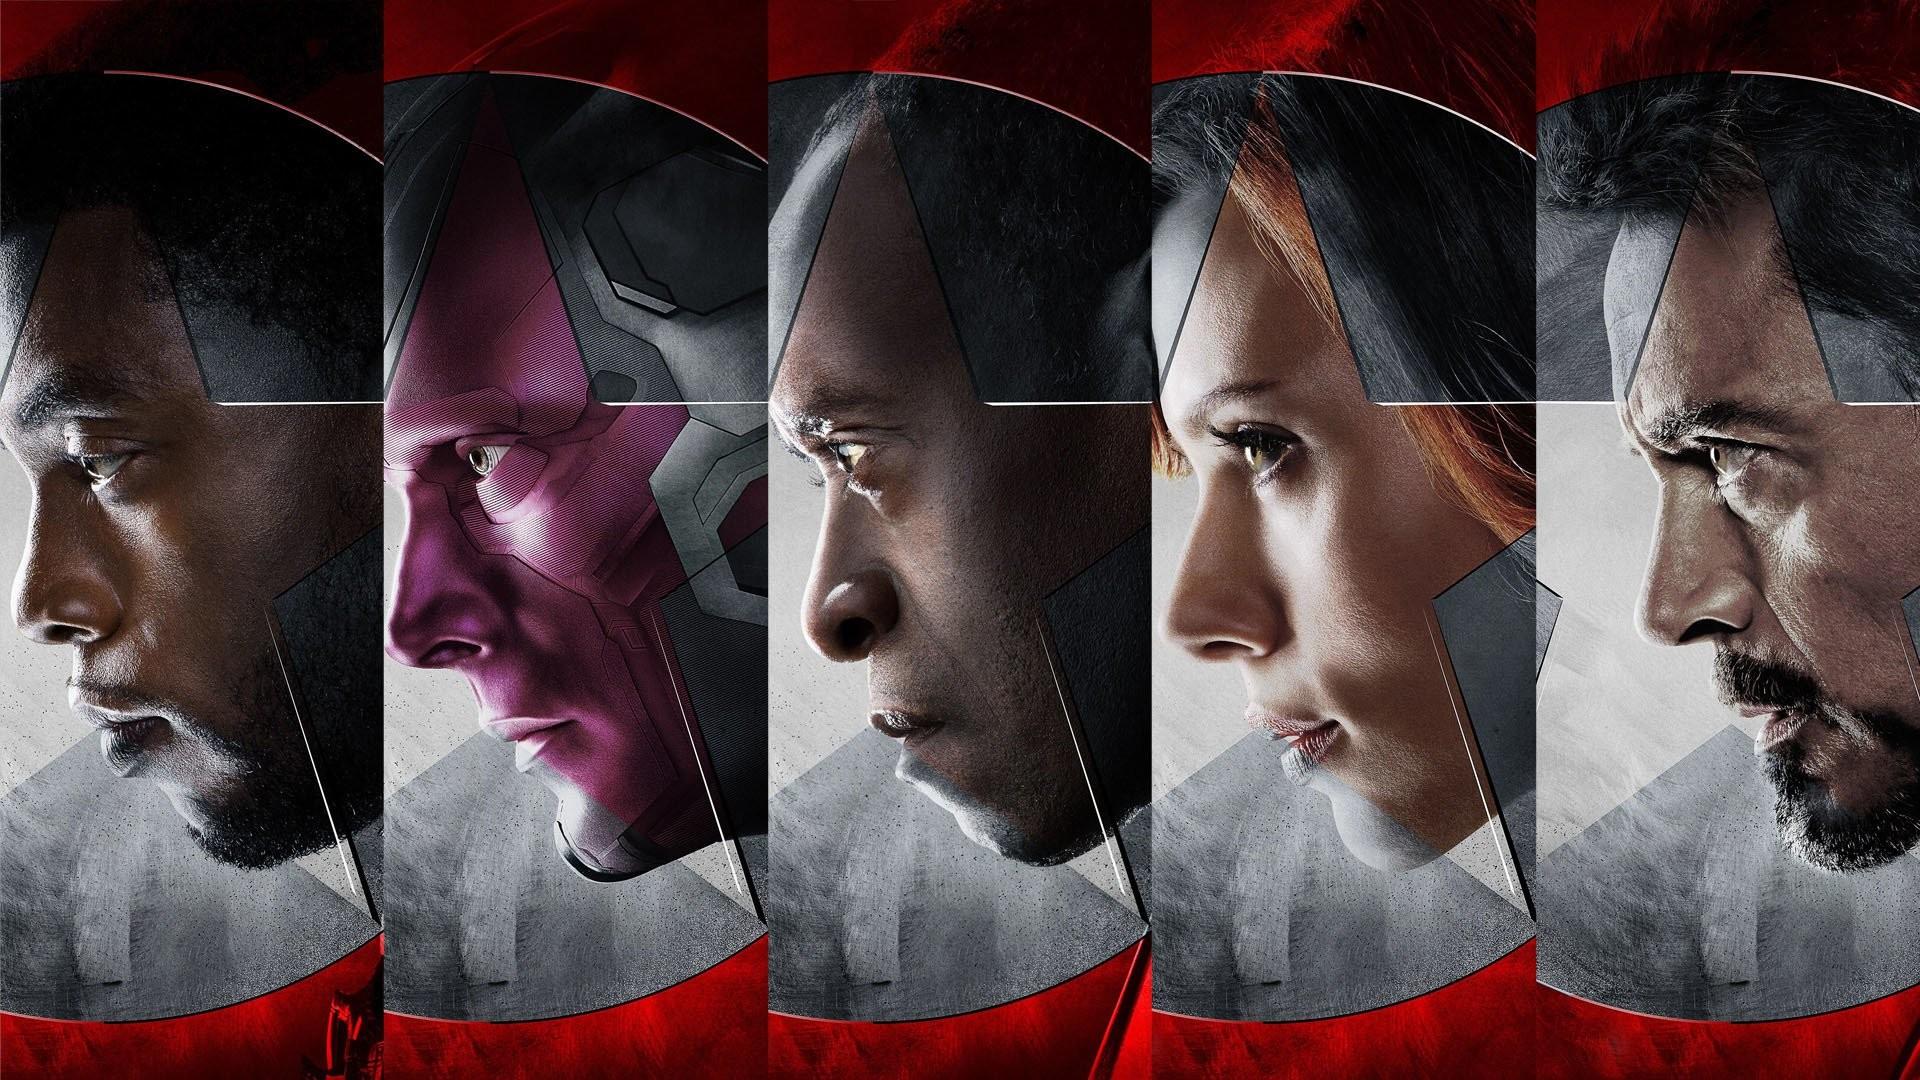 The vision marvel wallpaper 69 images - Avengers civil war wallpaper ...